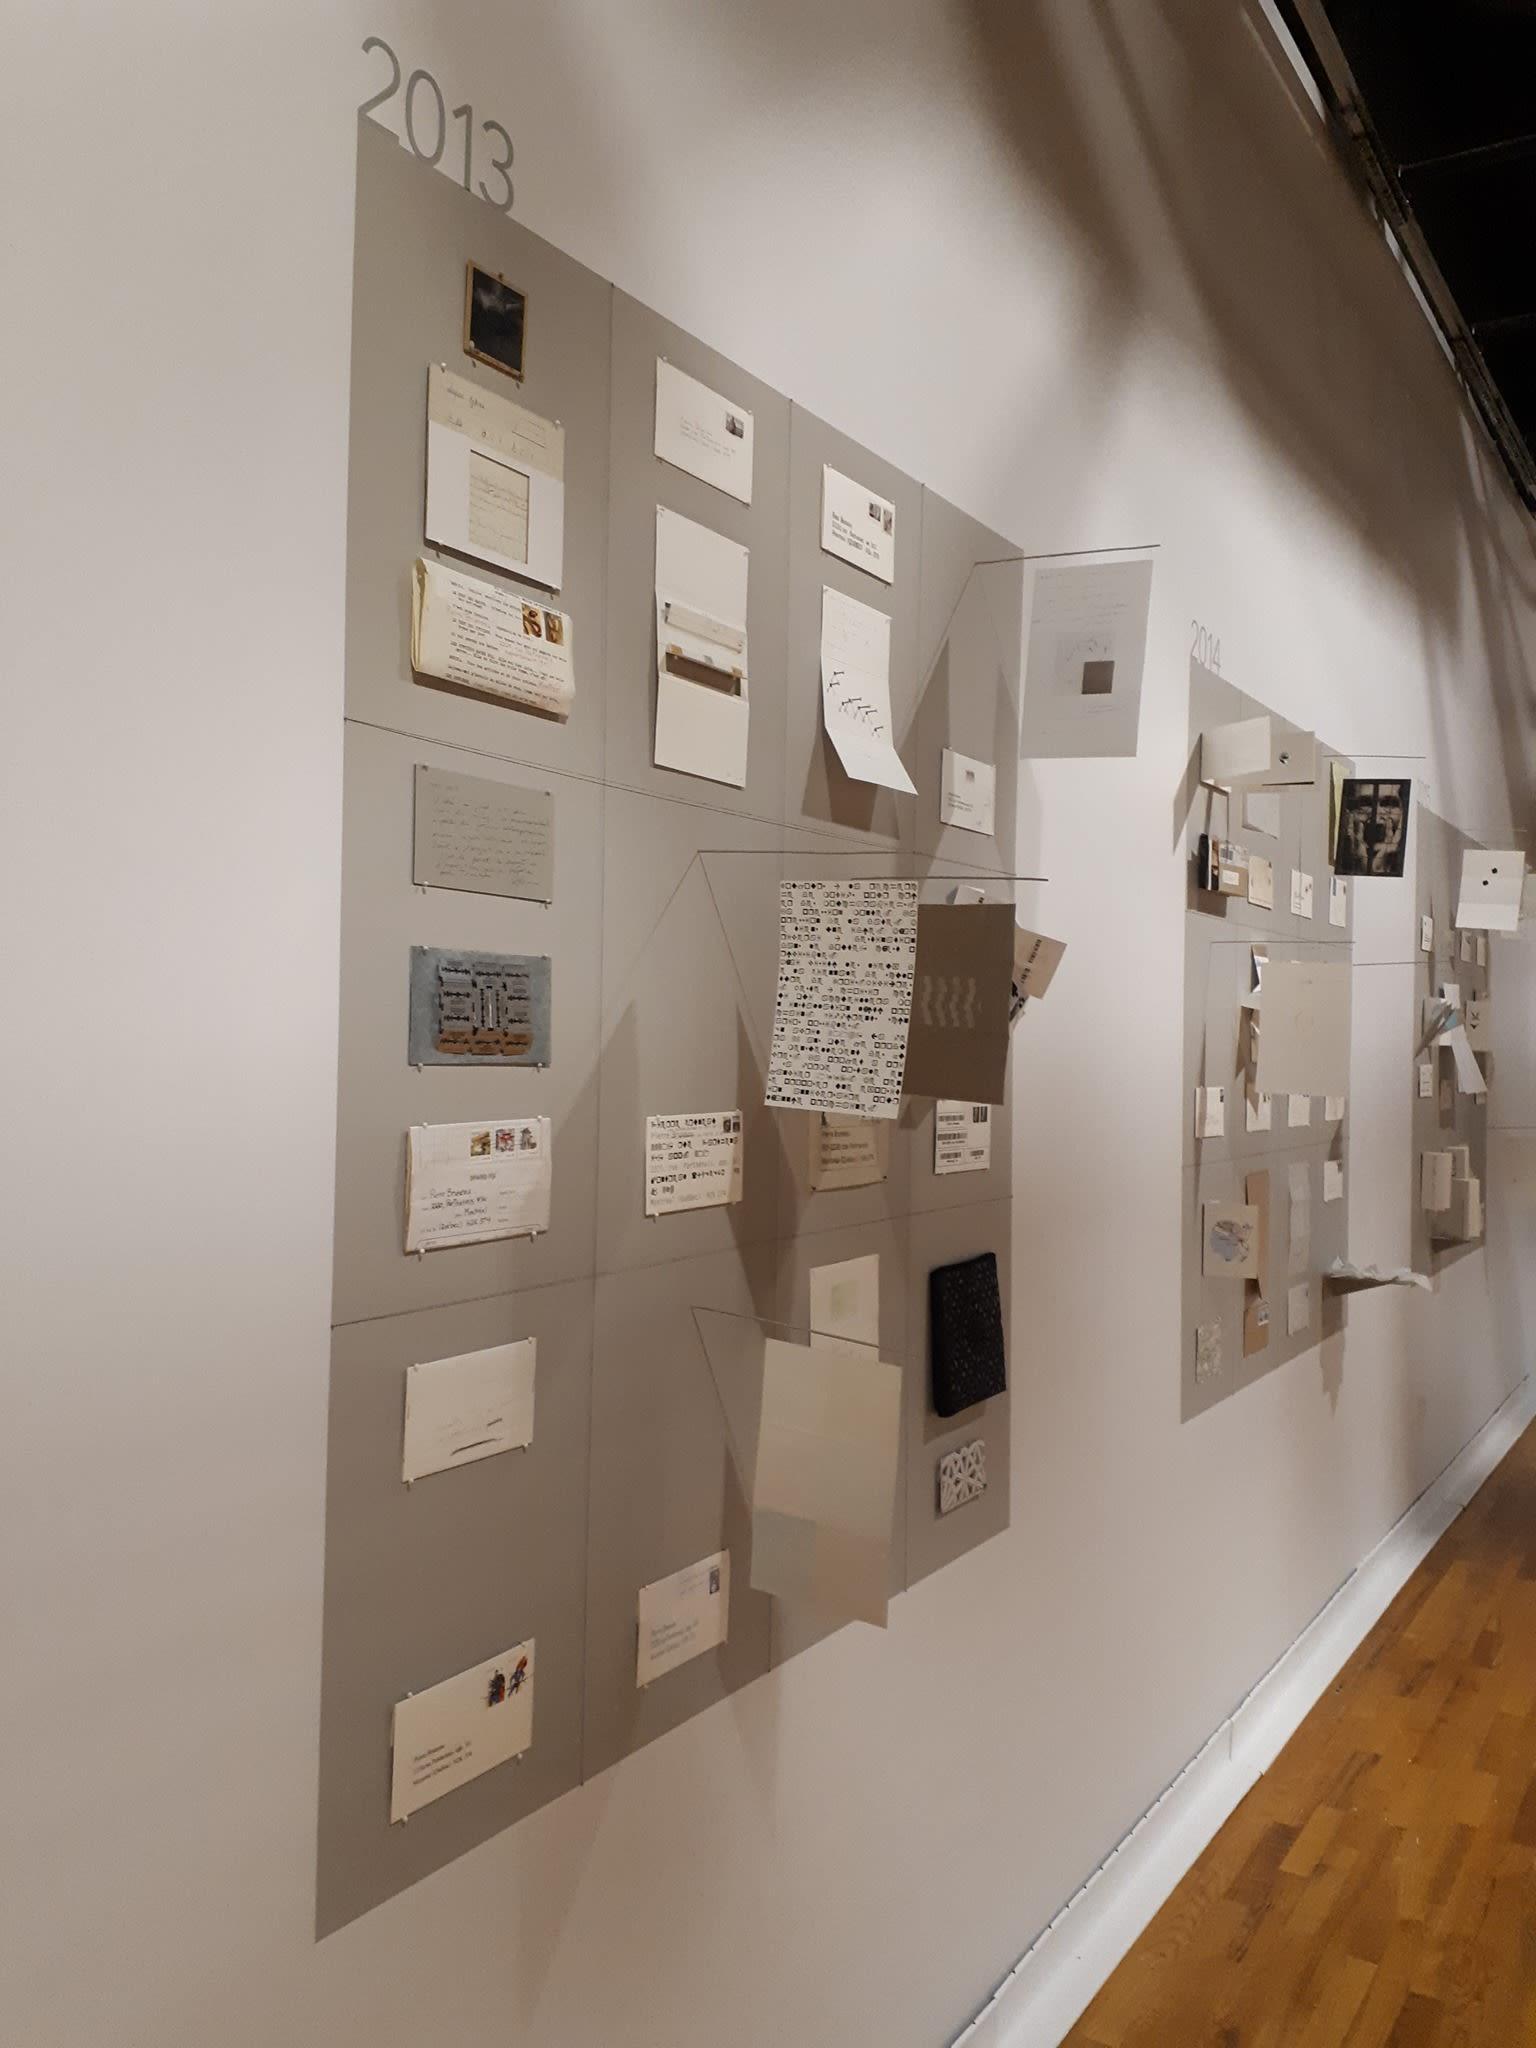 Les oeuvres d'art postal exposées sur un mur blanc